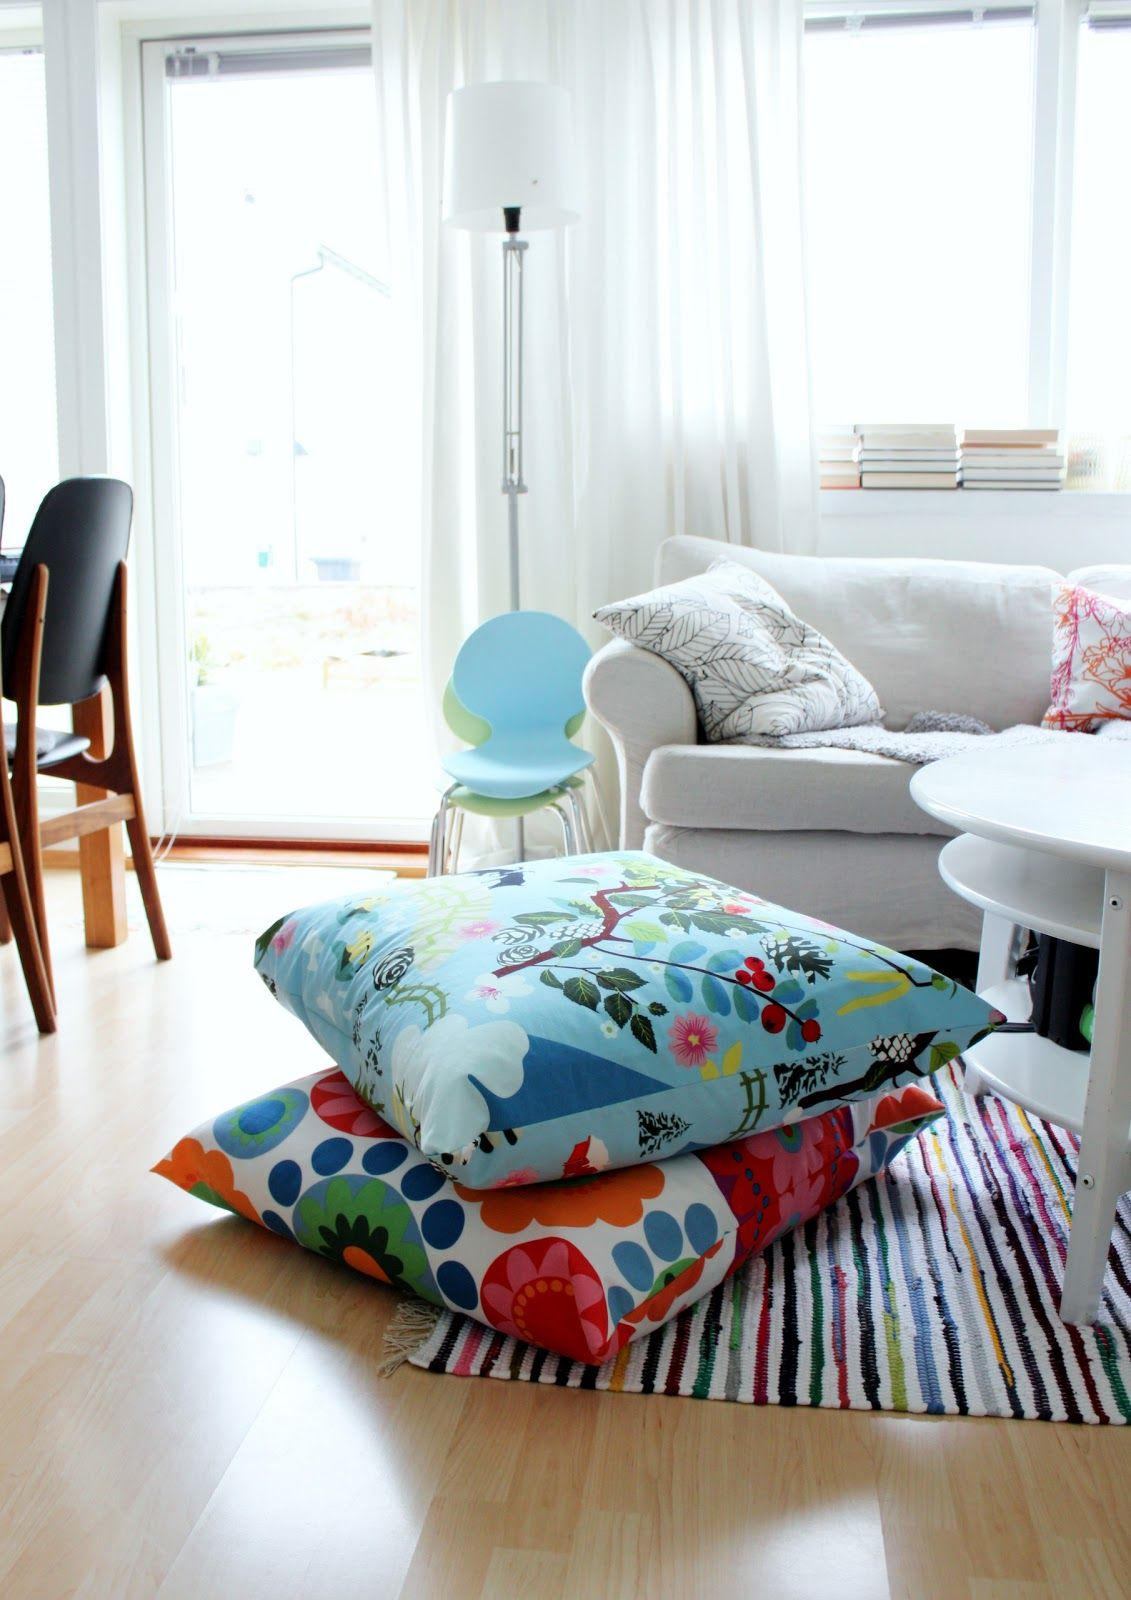 Medium Of Floor Pillows Ikea